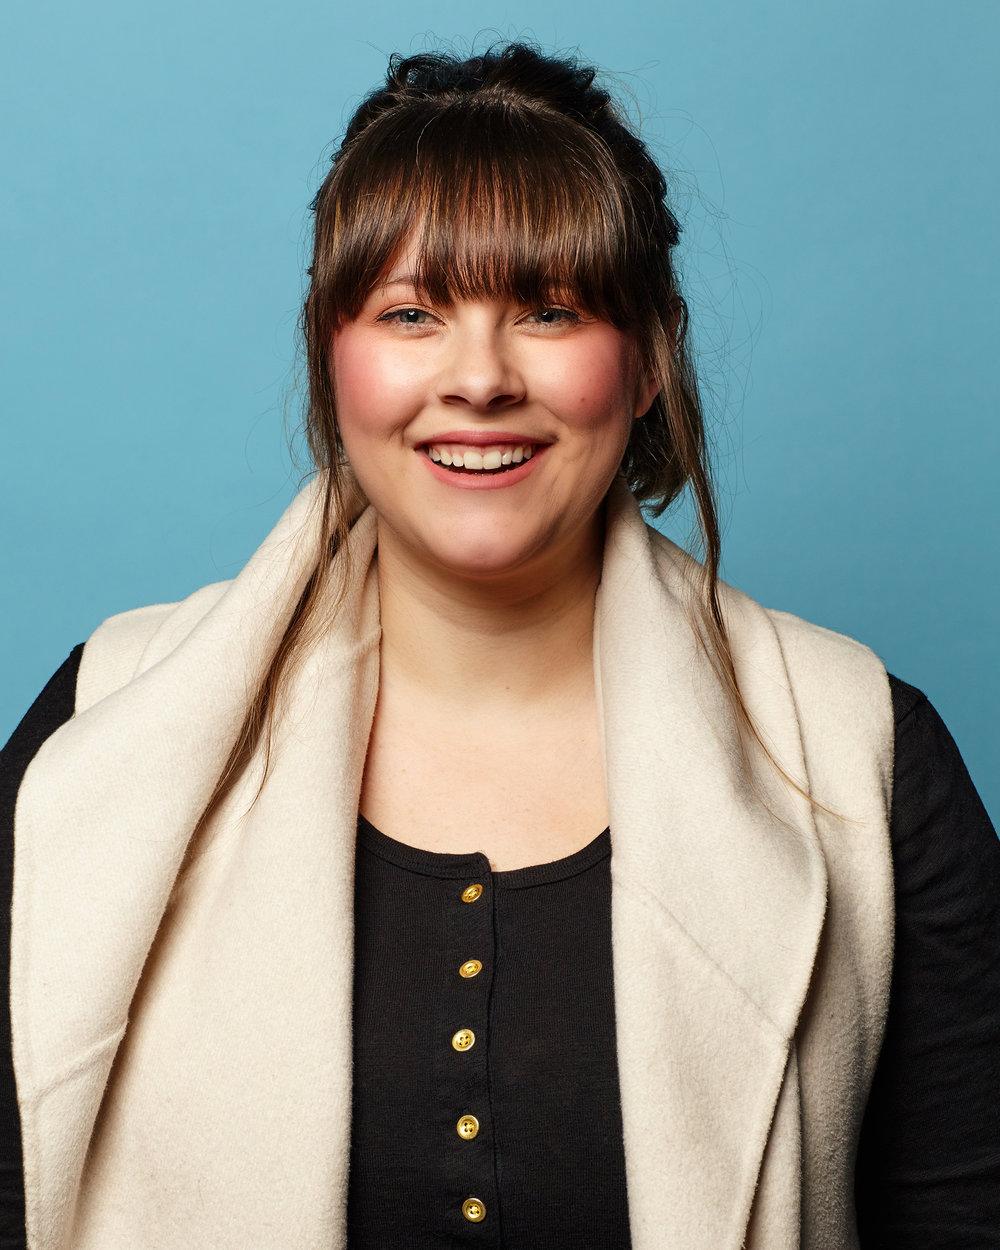 Samantha Zurek,  Senior Director of Sales, Midwest US